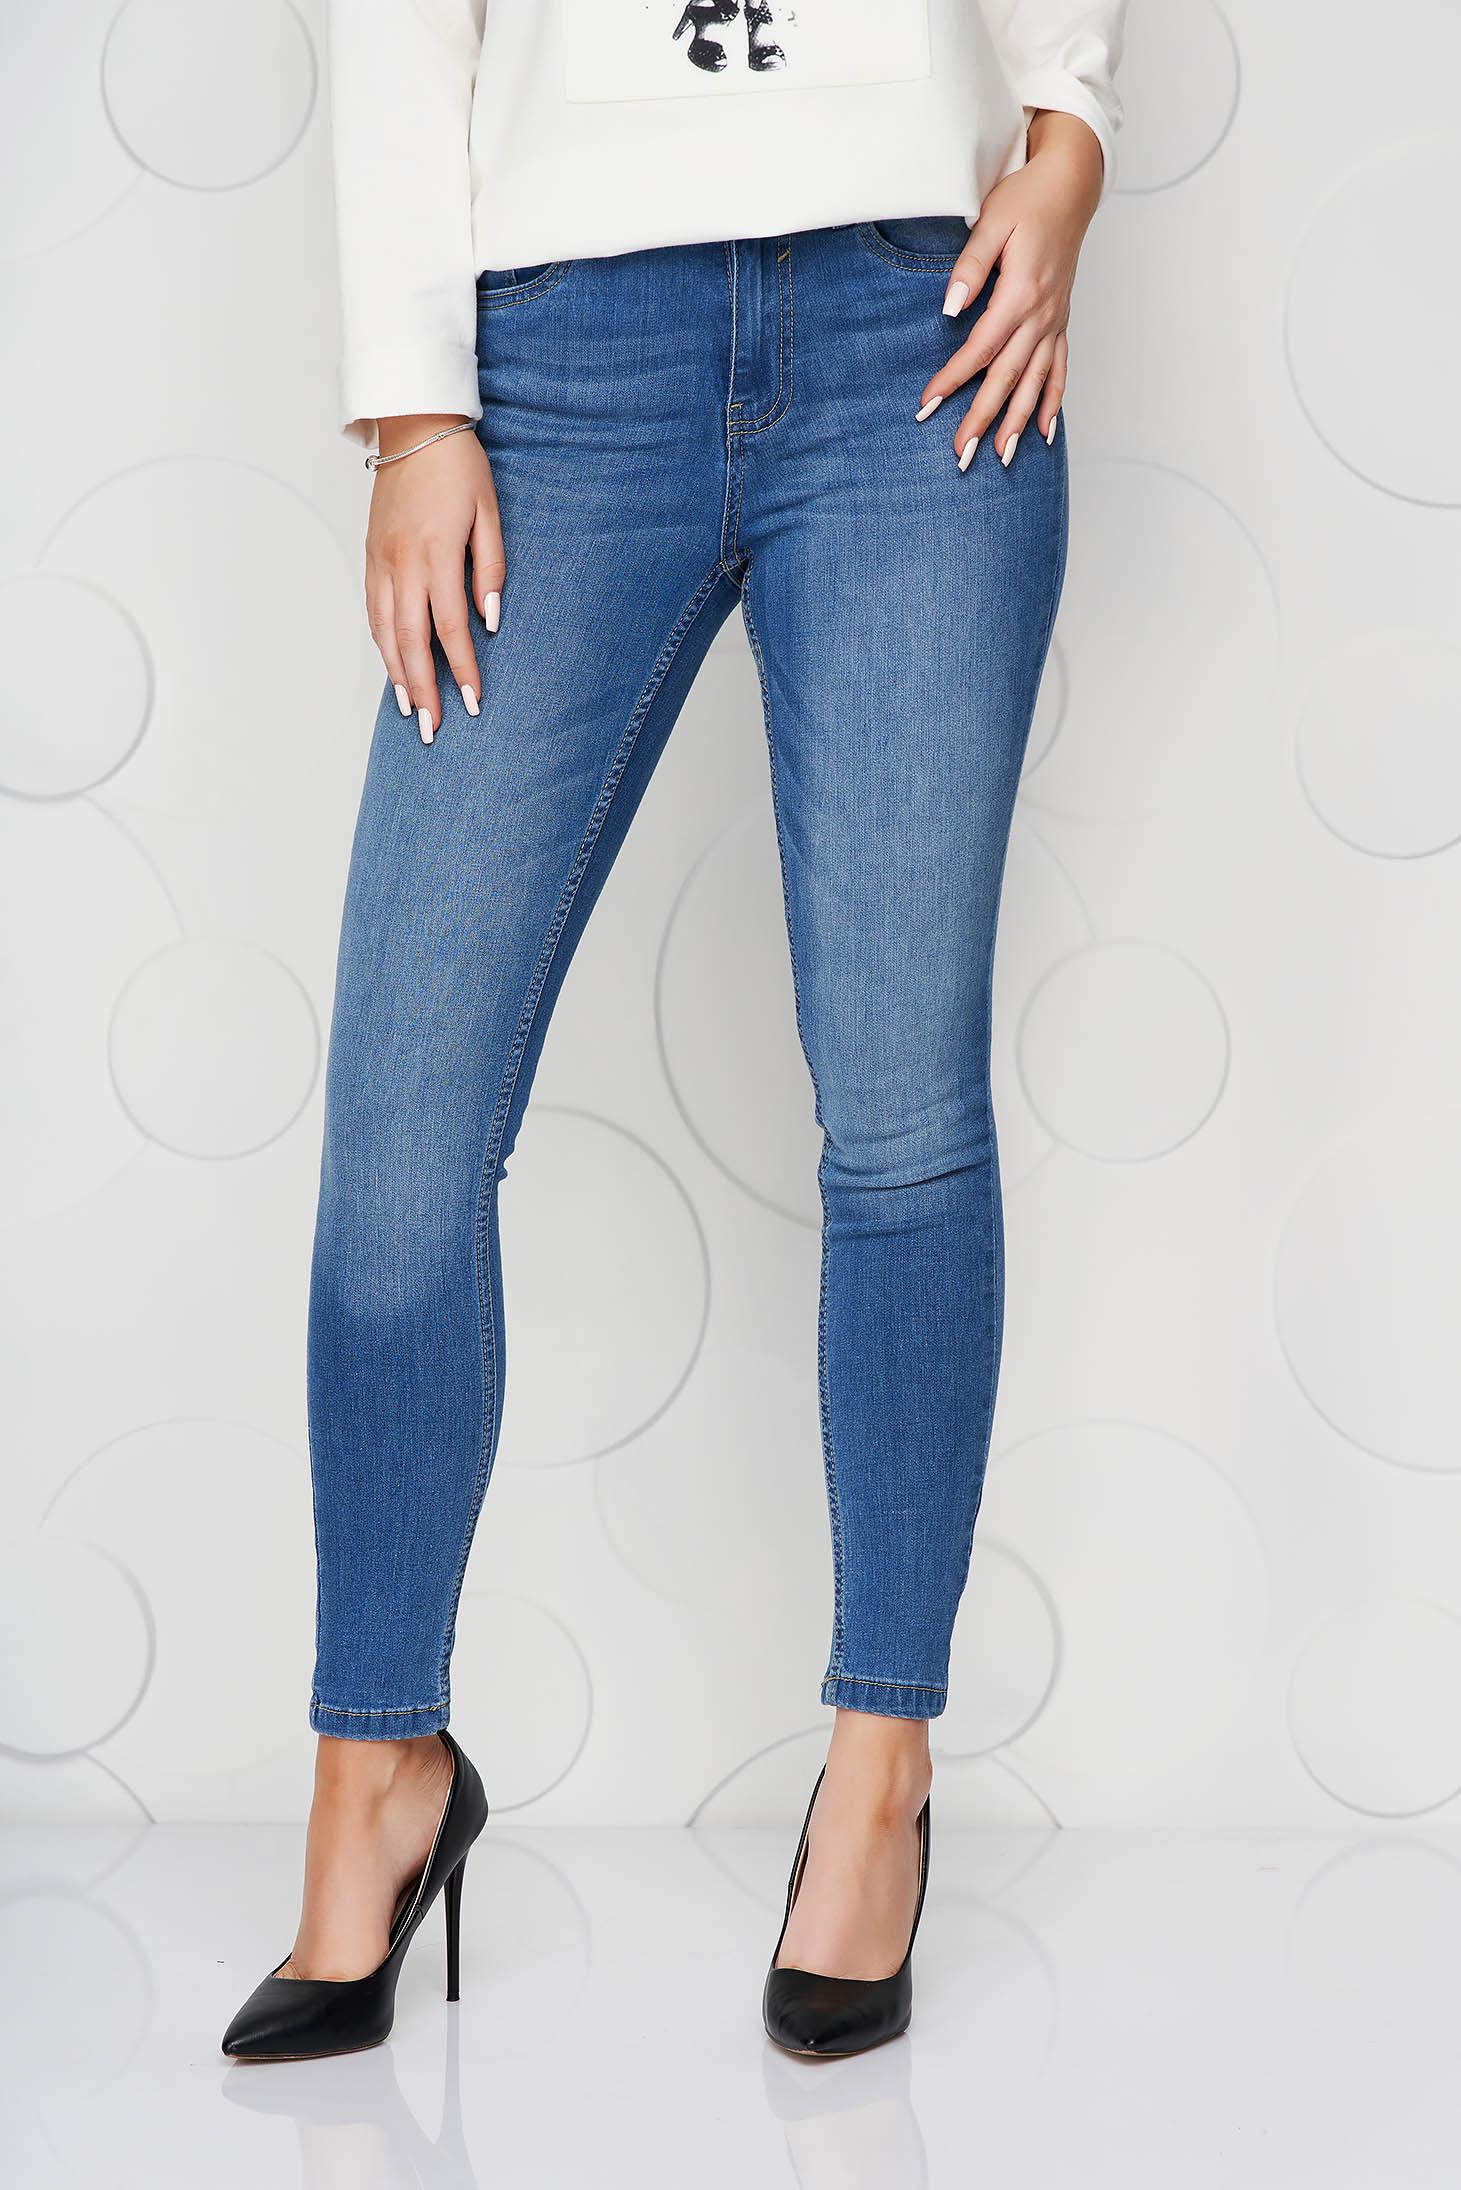 Blugi Top Secret albastri casual skinny cu talie medie din bumbac usor elastic